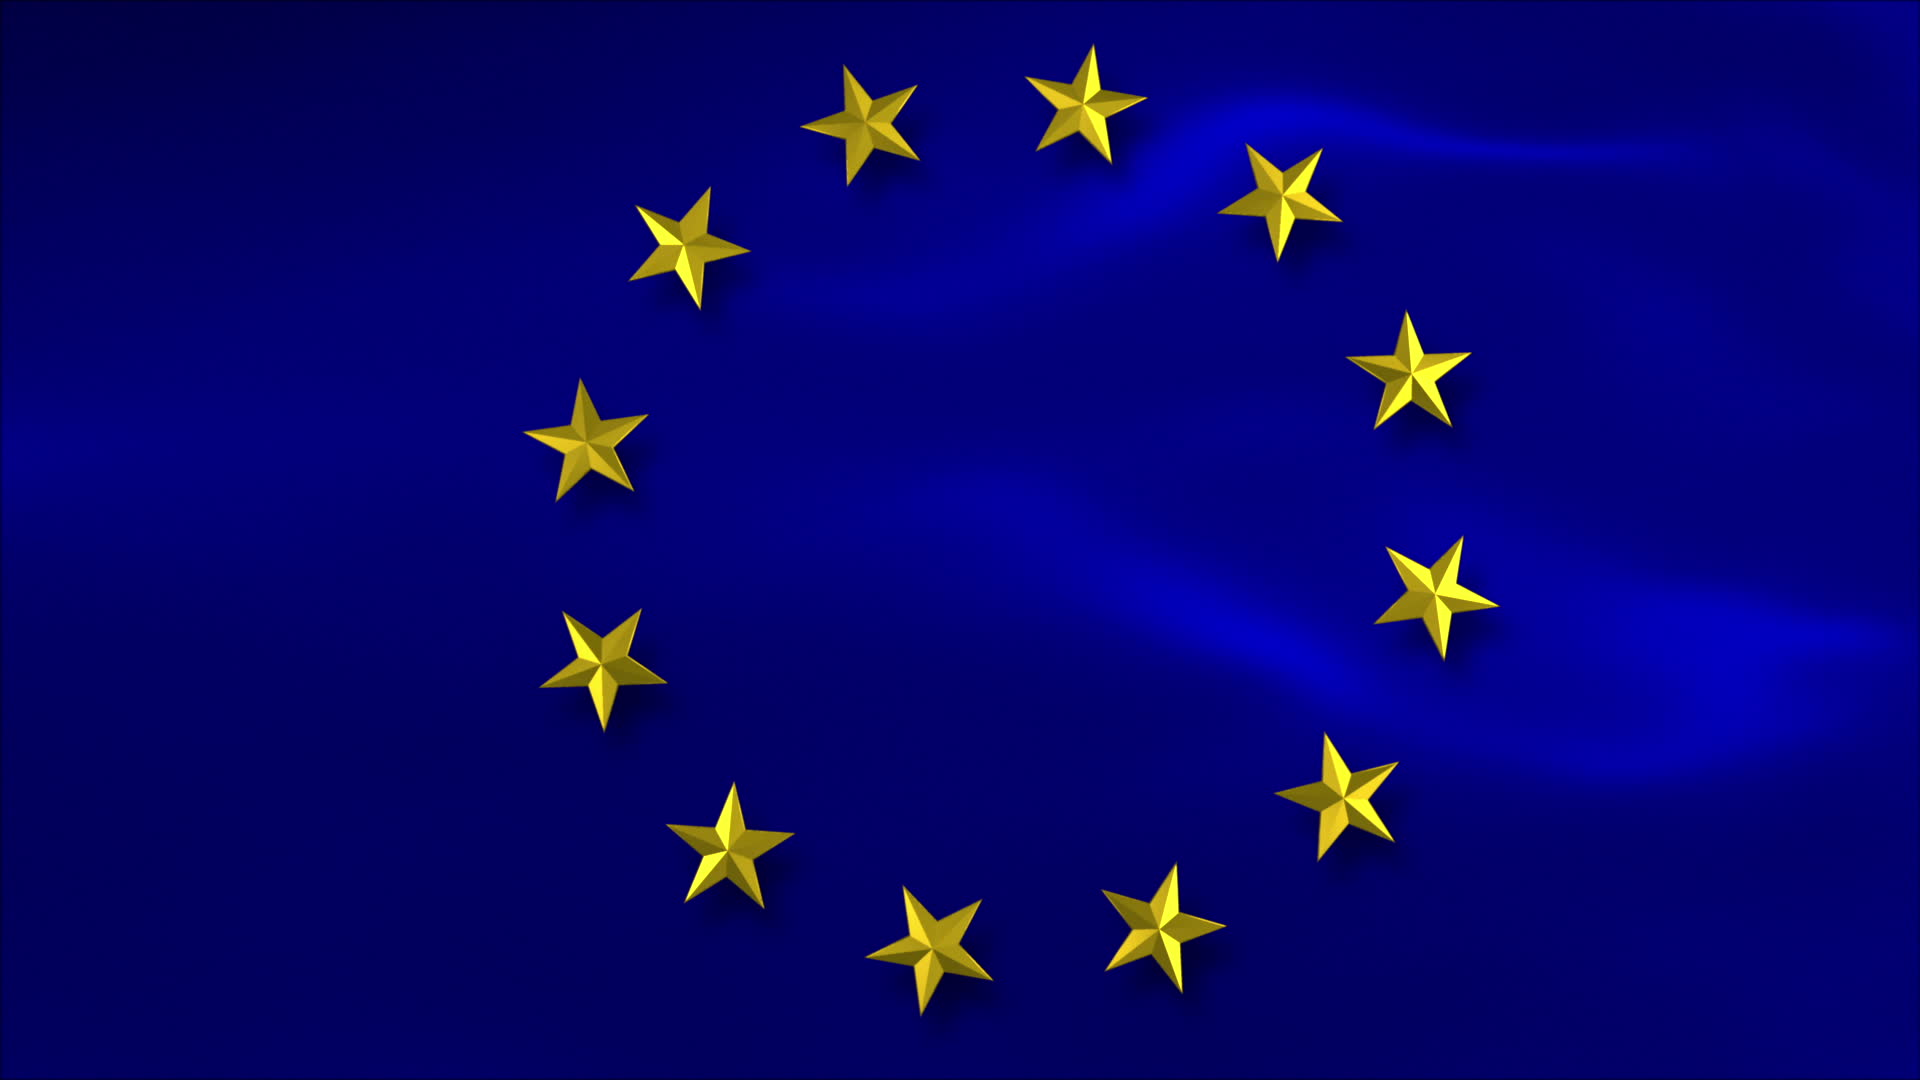 EU schválila návrh nařizující odebrání teroristického online obsahu do jedné hodiny